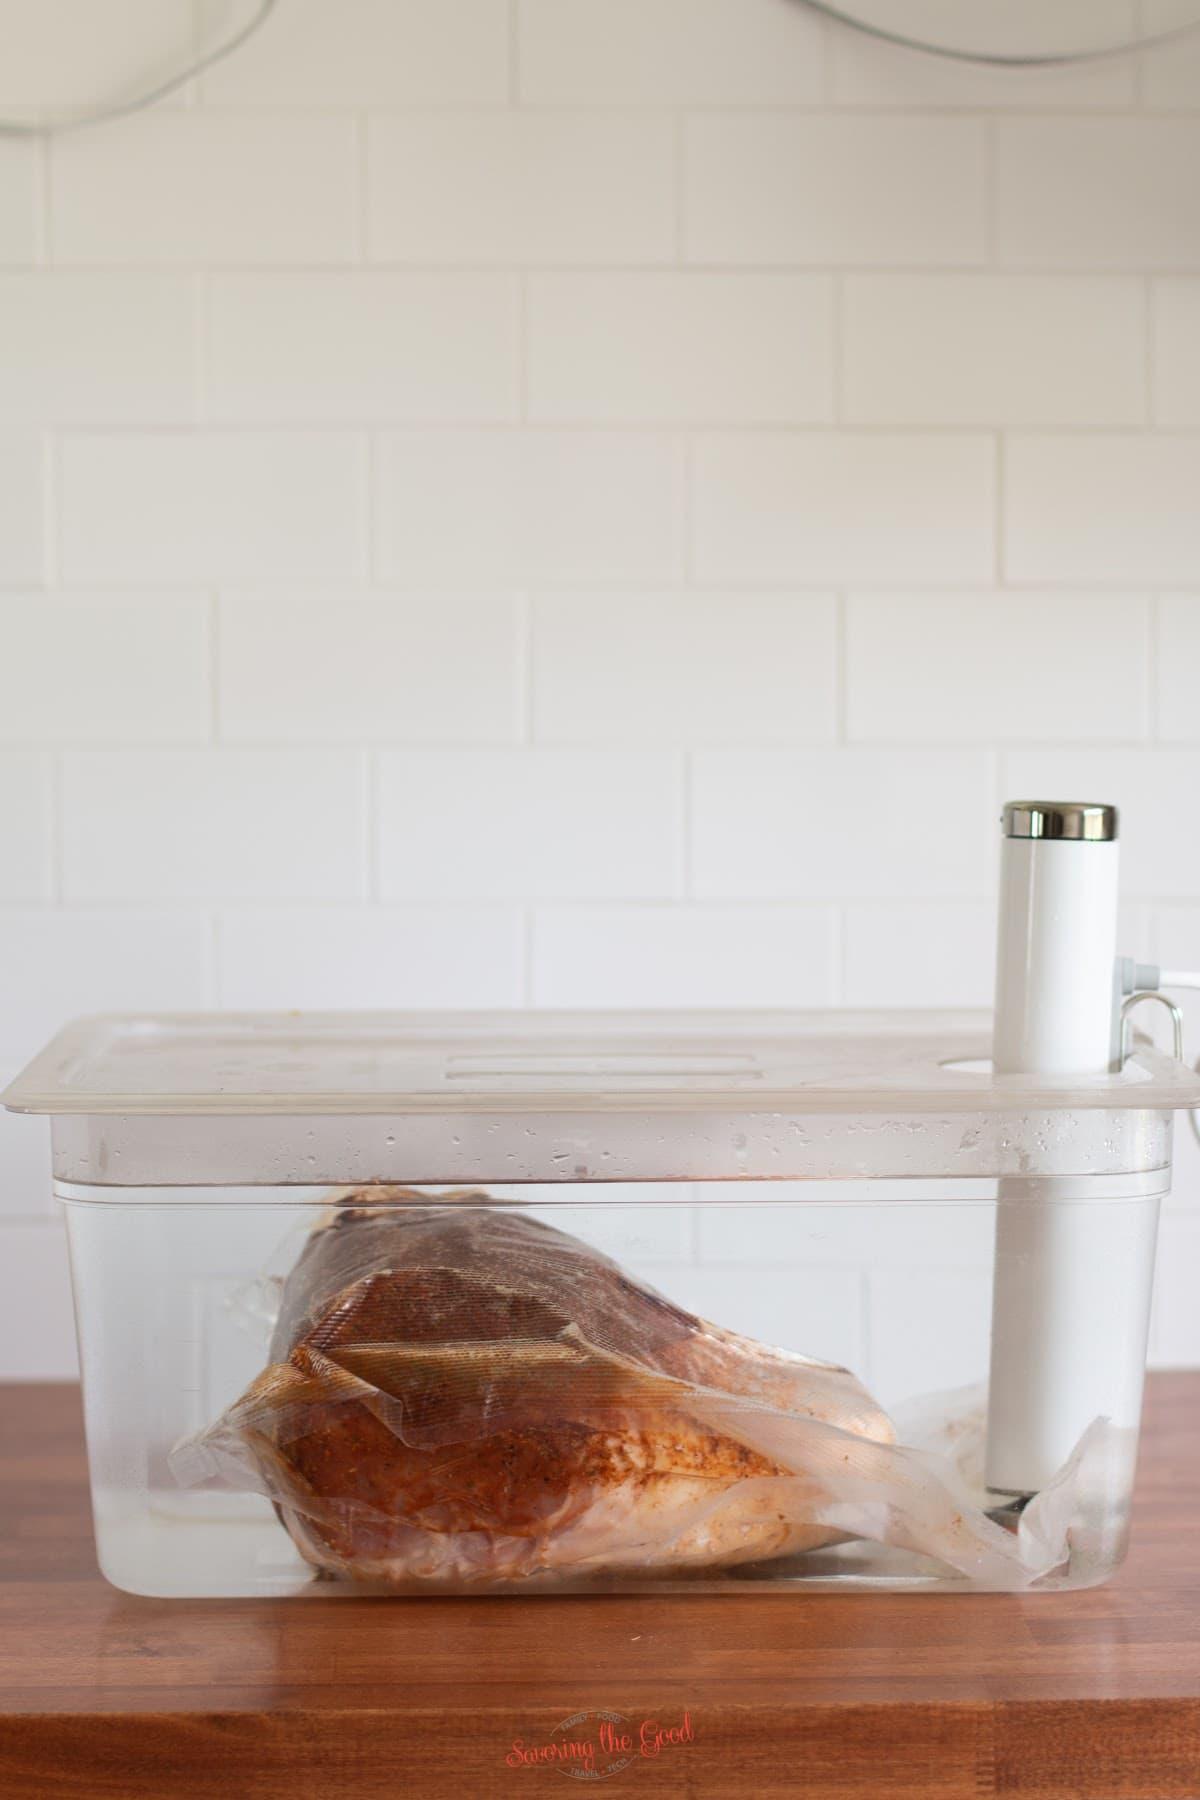 sous vide pork shoulder in a sous vide bath